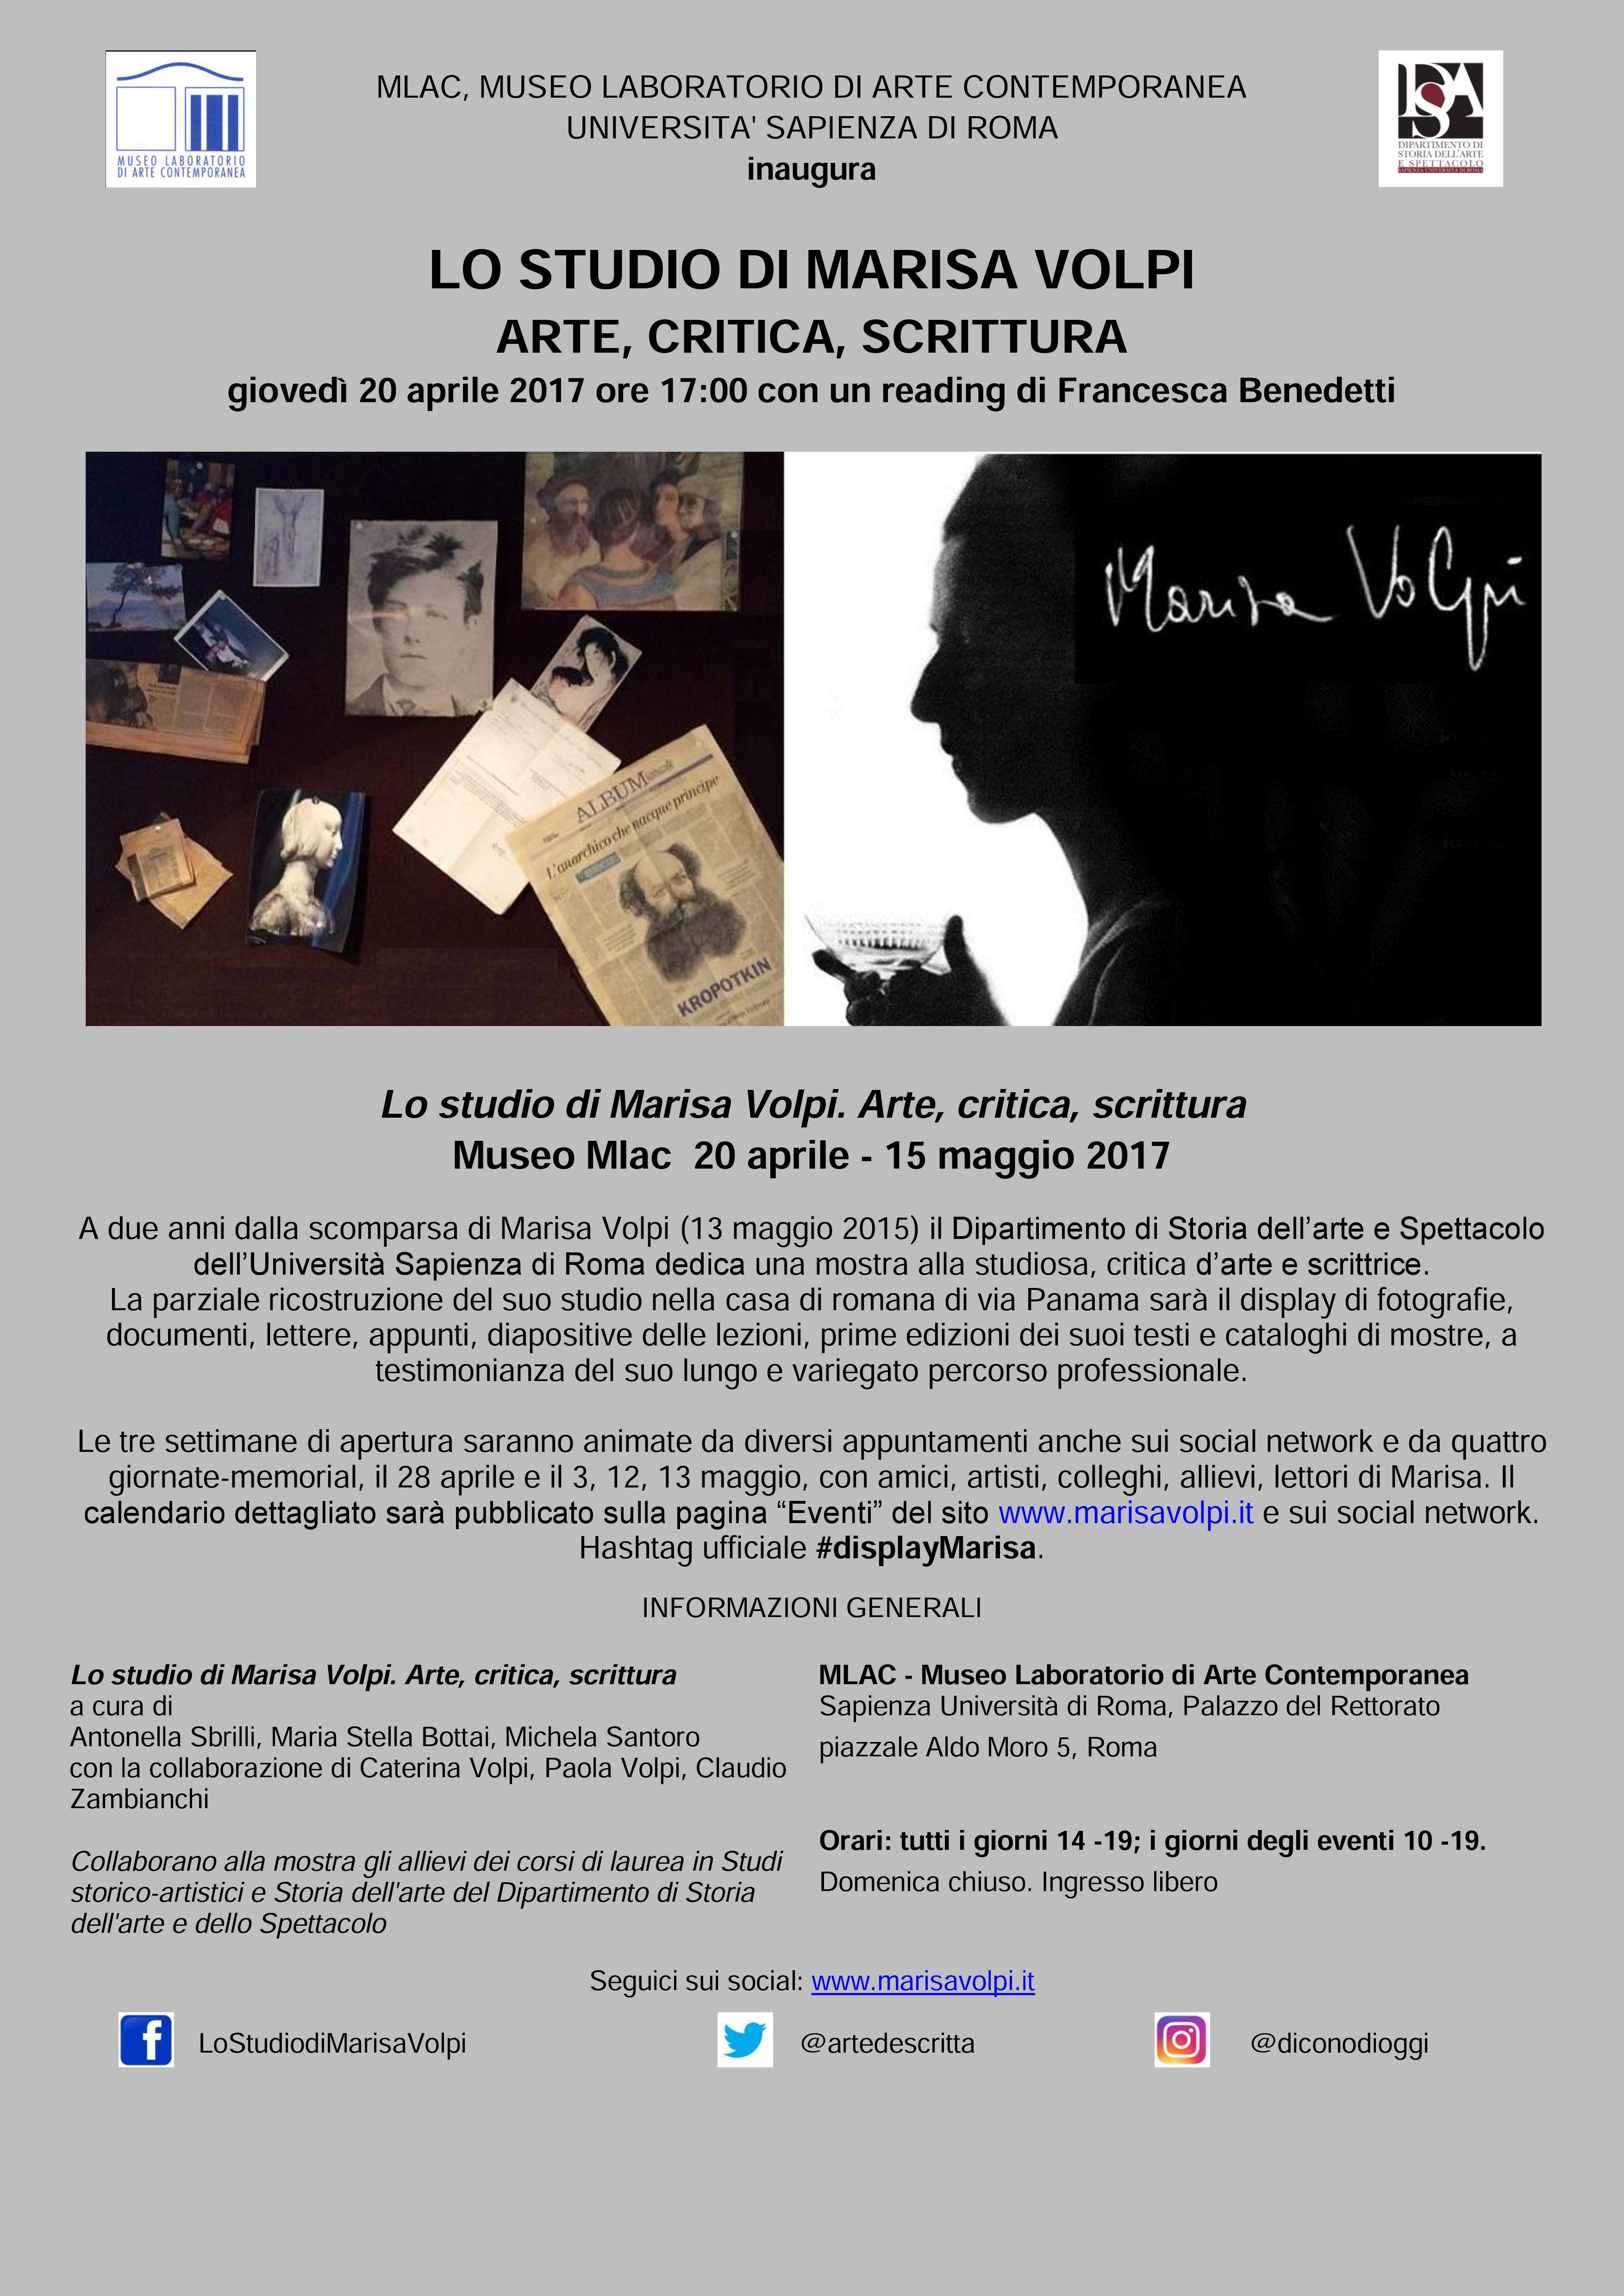 Lo studio di Marisa Volpi Mlac